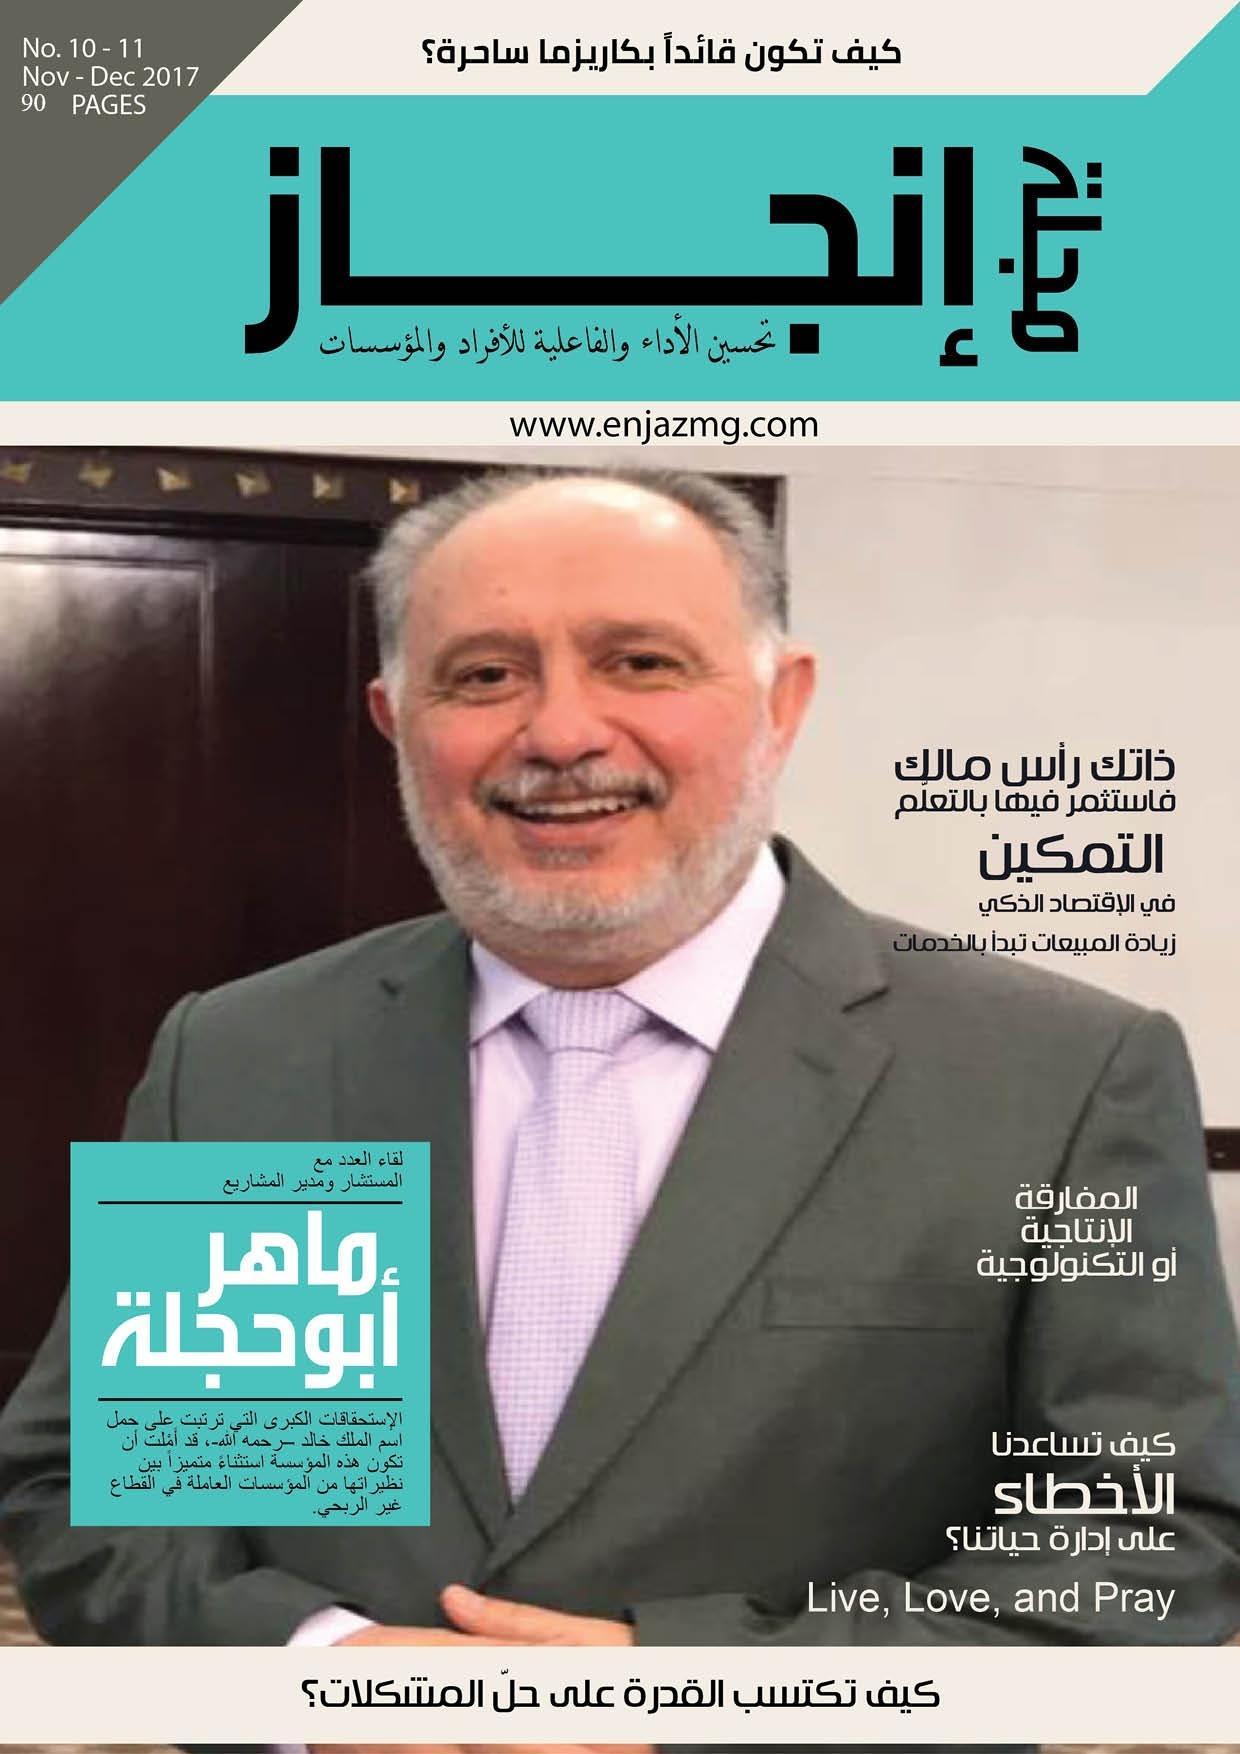 مجلة إنجاز - عدد نوفمبر - ديسمبر 2017